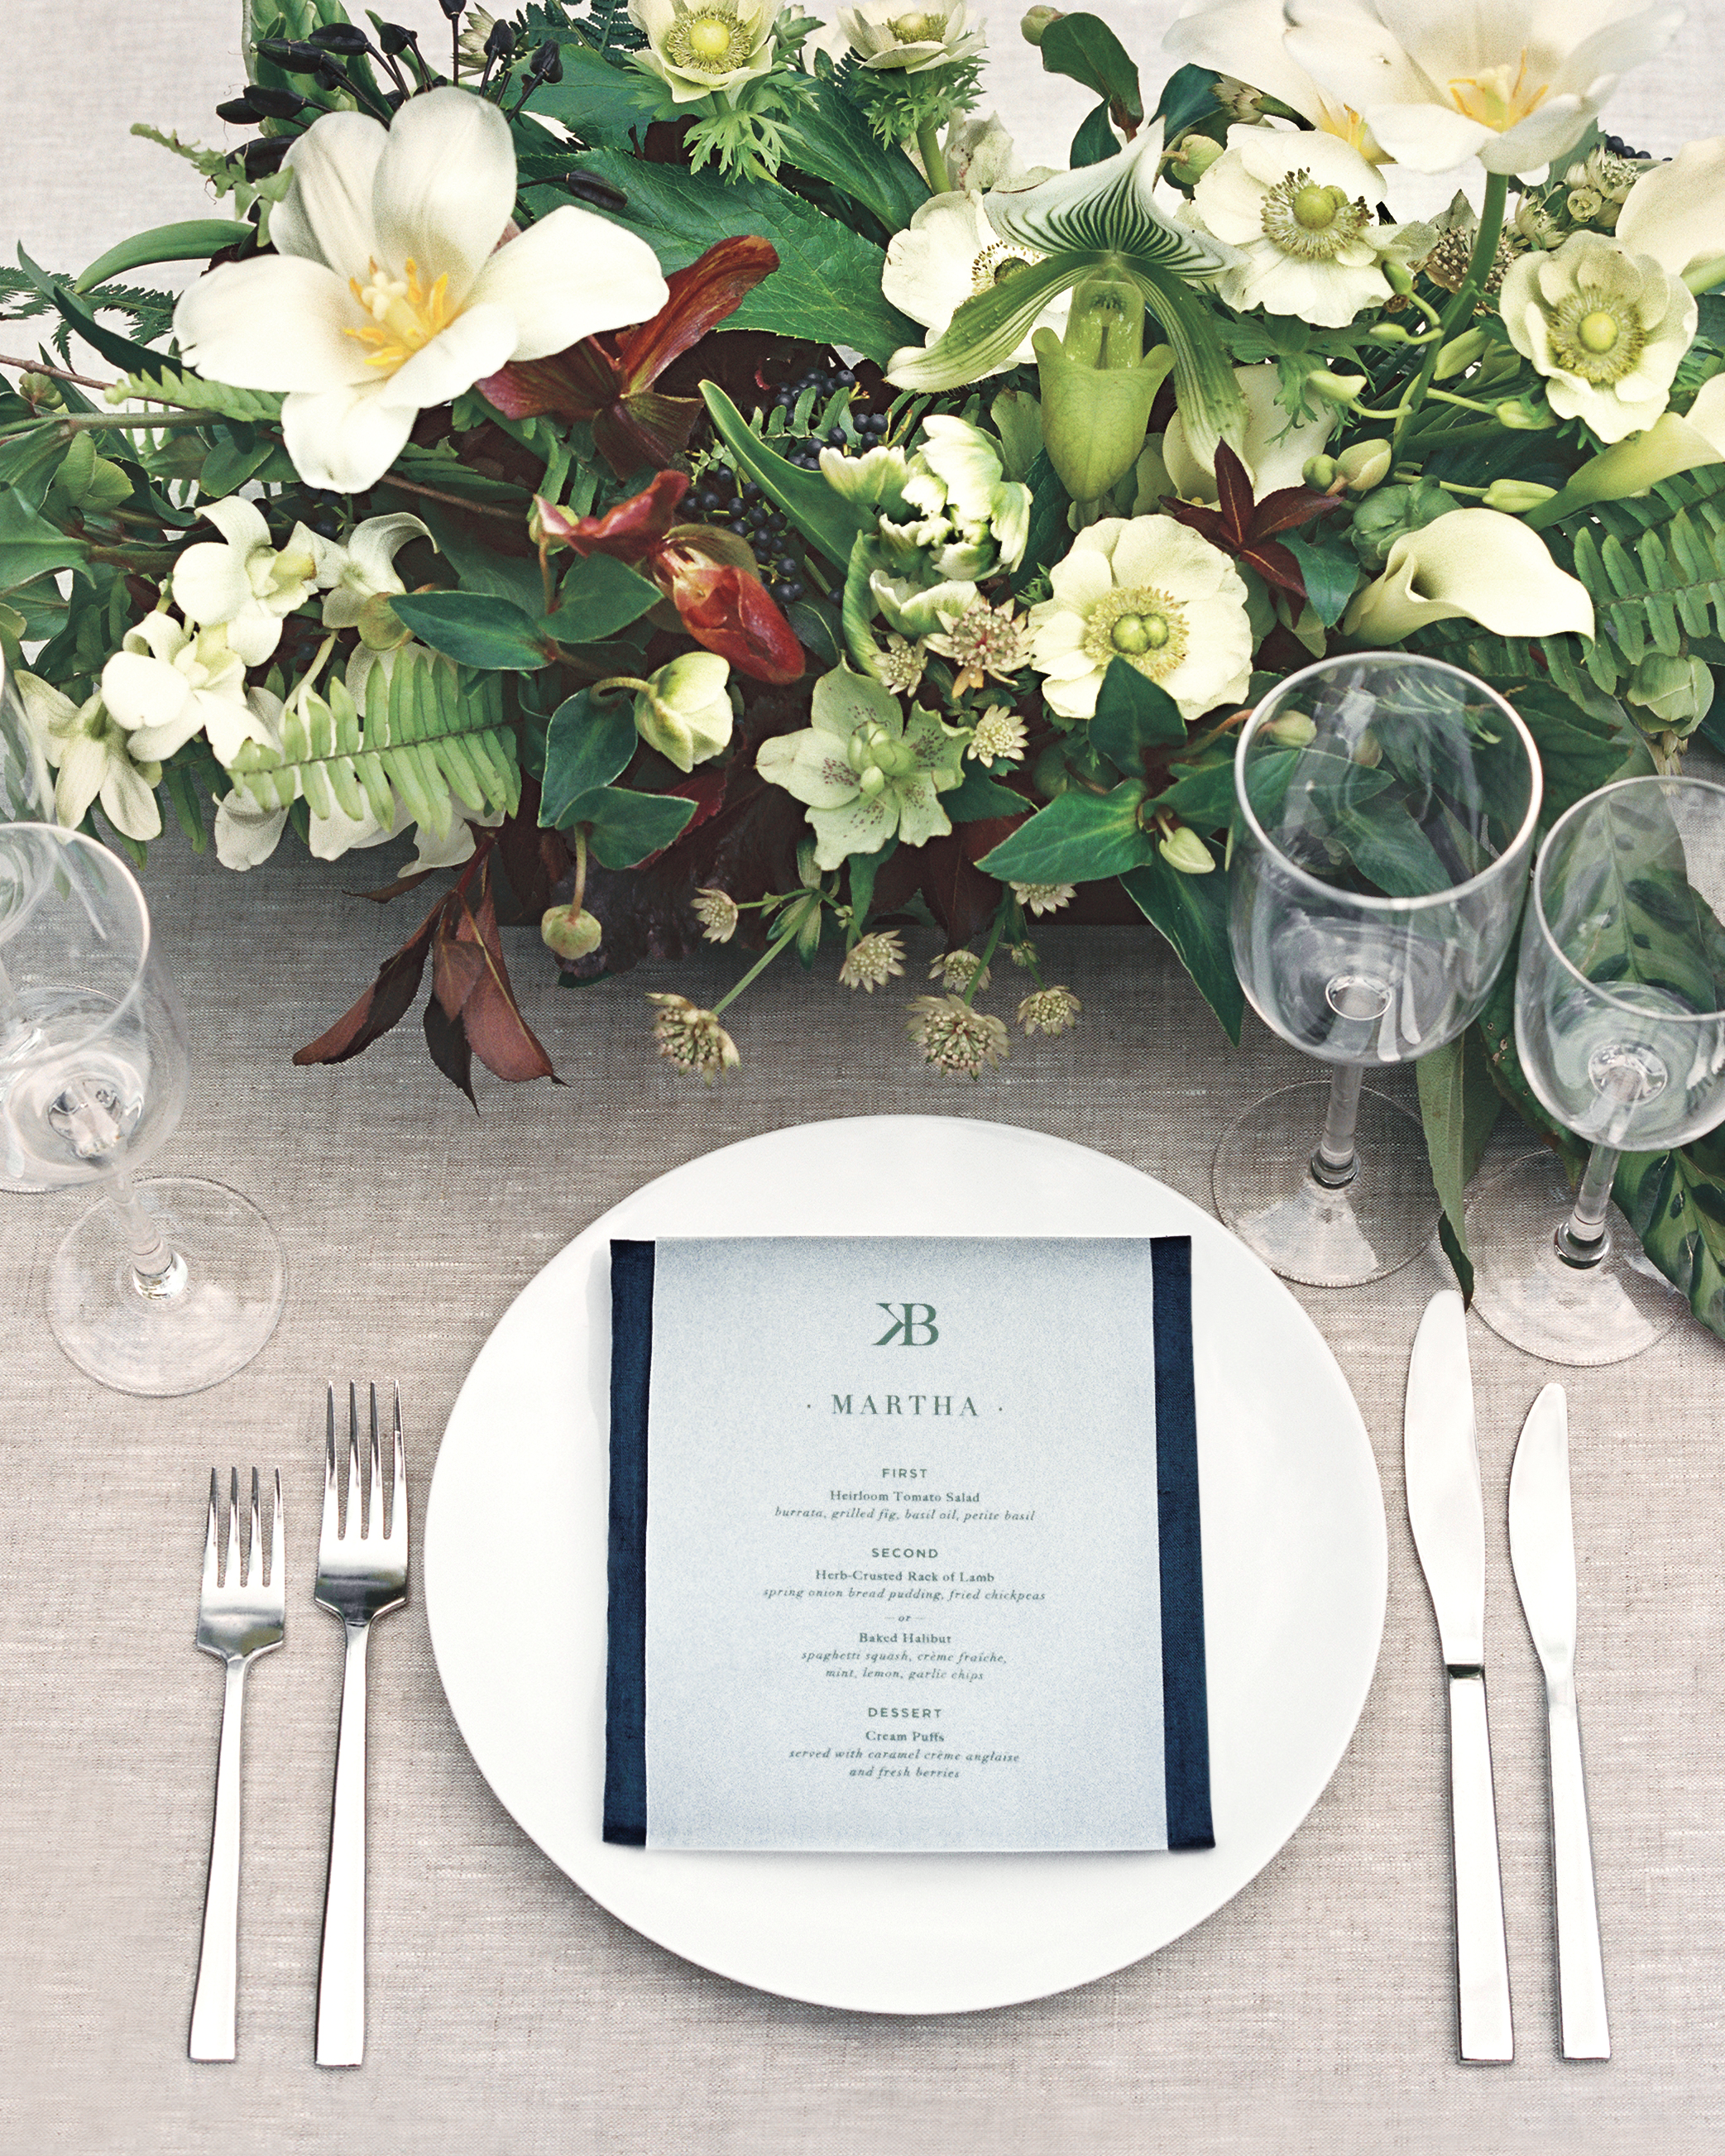 kristina-barrett-wedding-martha-farm-cl11c28-r01-016-r-d112650.jpg